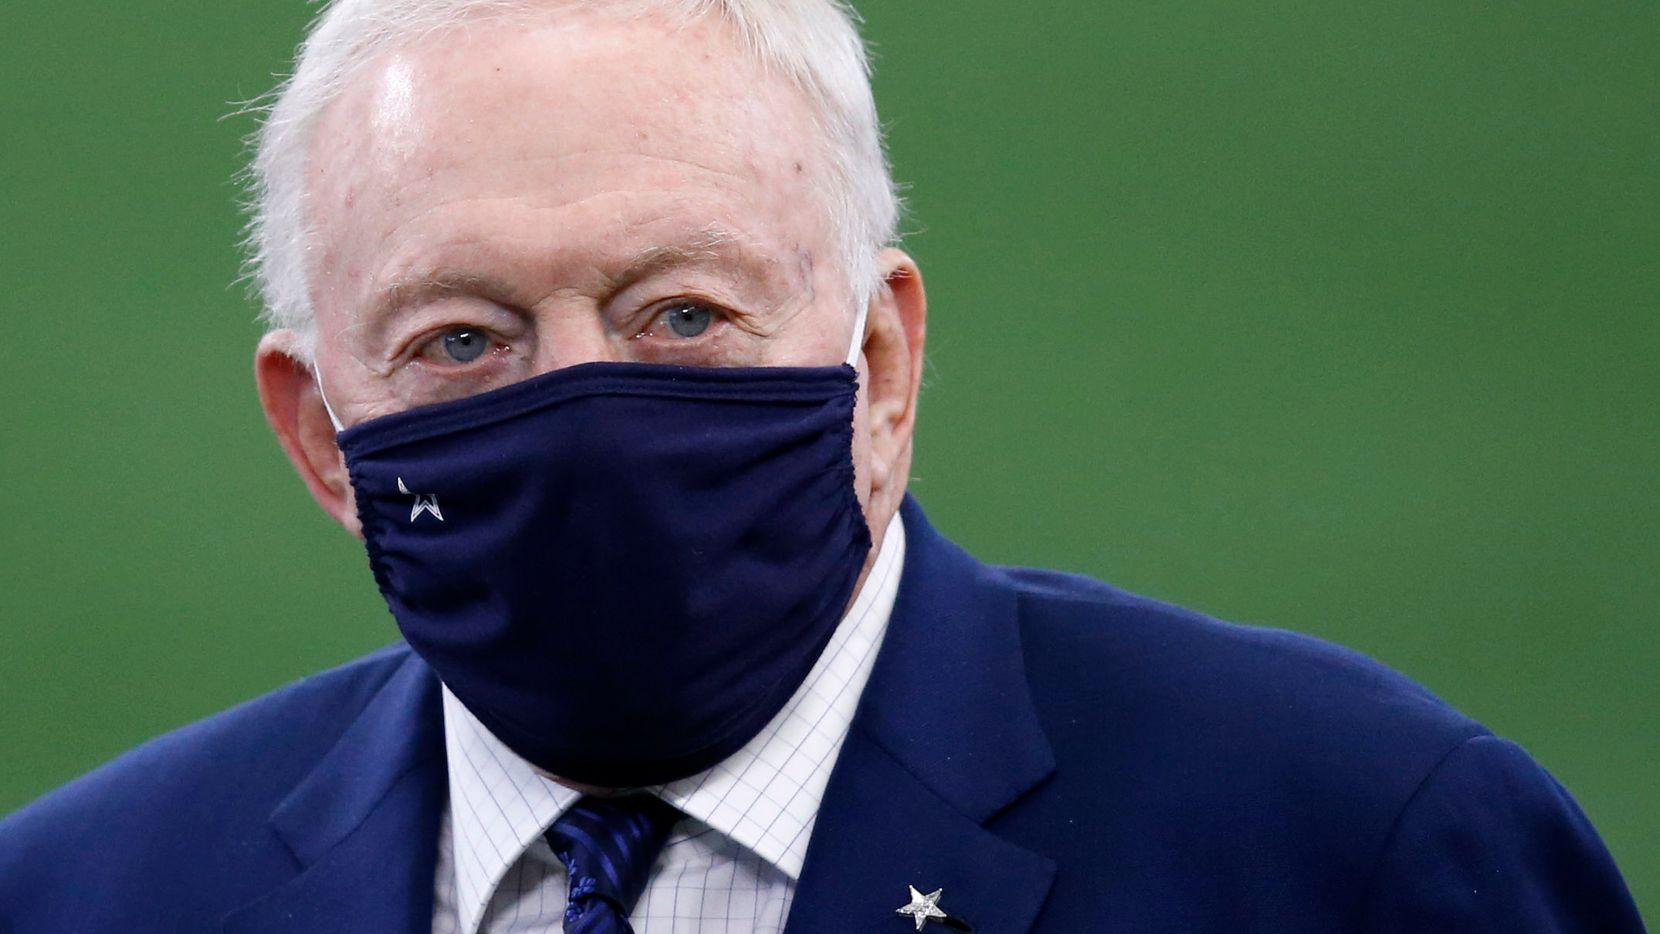 El dueño de los Dallas Cowboys, Jerry Jones, antes del juego contra los Cleveland Browns, el 4 de noviembre de 2020 en el AT&T Stadium de Arlington.